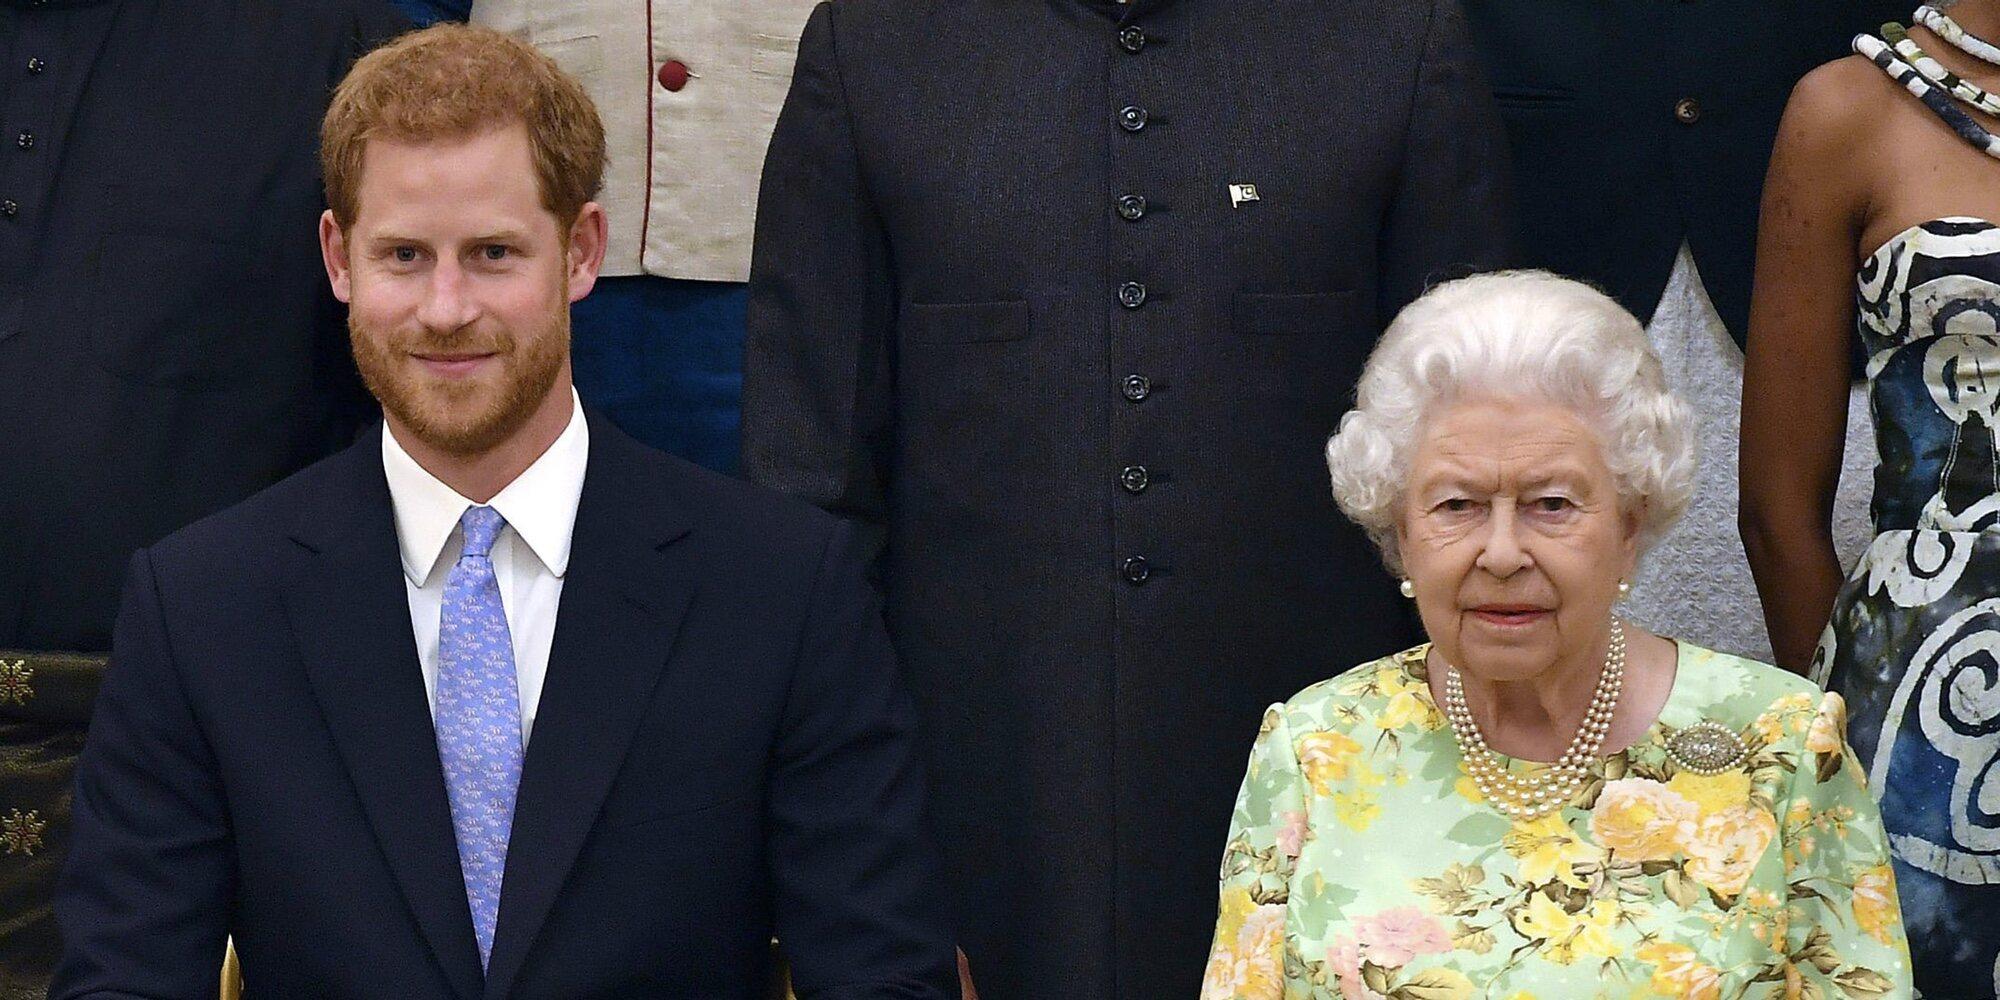 Un as en la manga: El Príncipe Harry publicará uno de sus libros cuando muera su abuela la Reina Isabel